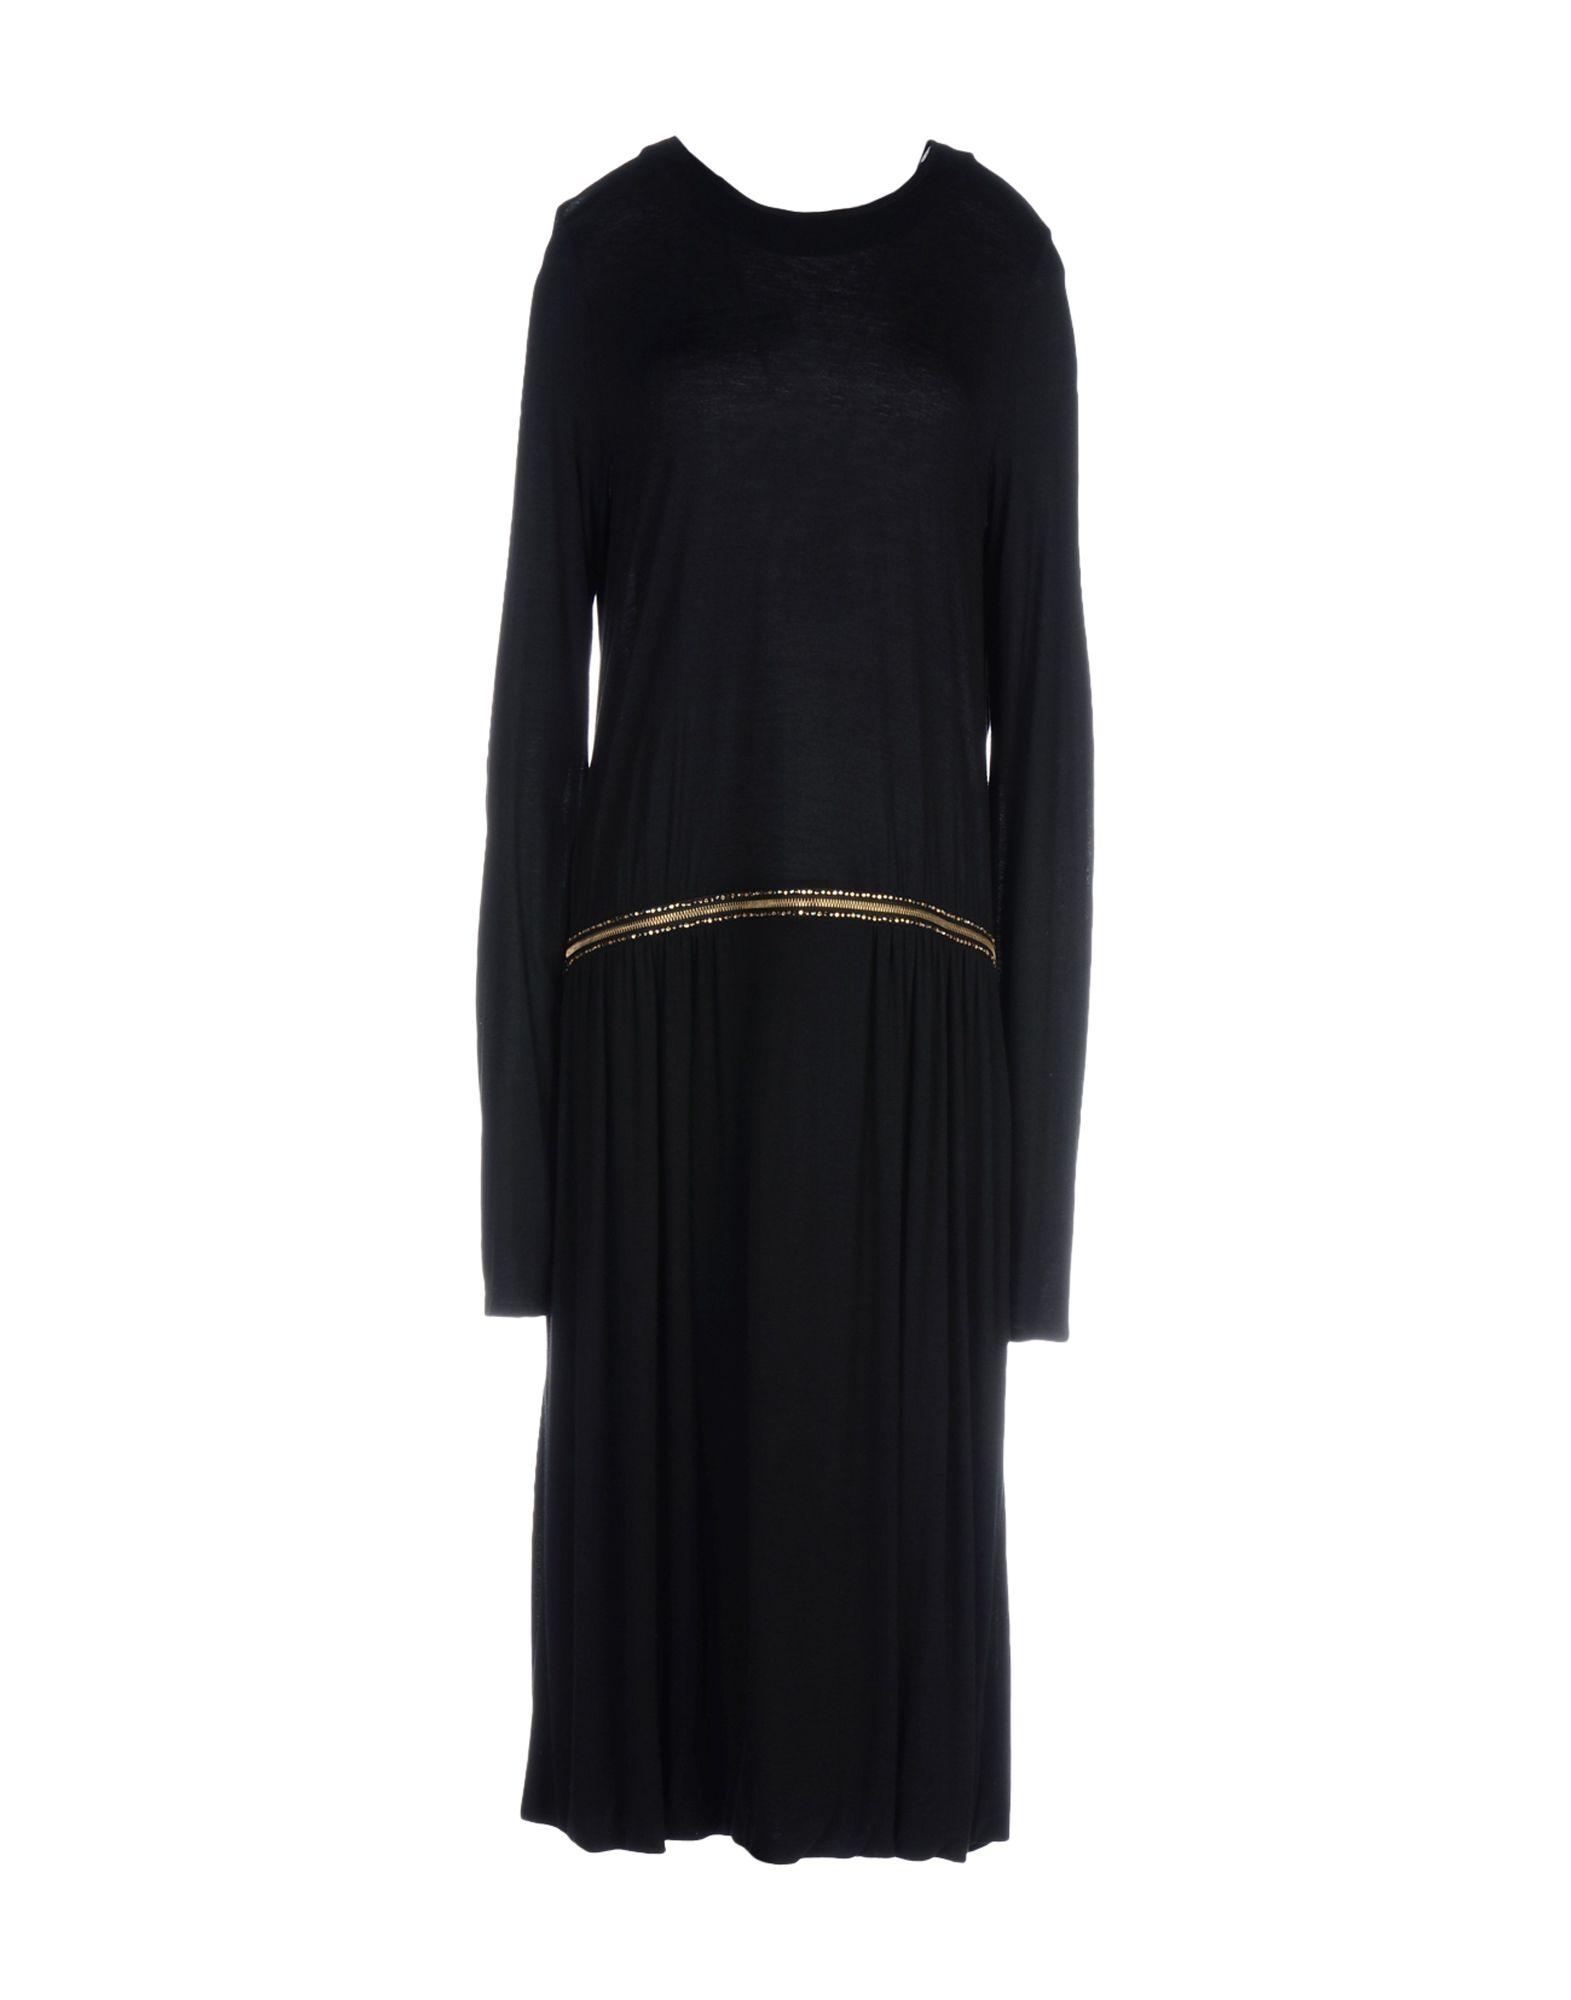 CHLOÉ Платье длиной 3/4 платье oodji ultra цвет красный белый 14001071 13 46148 4512s размер xs 42 170